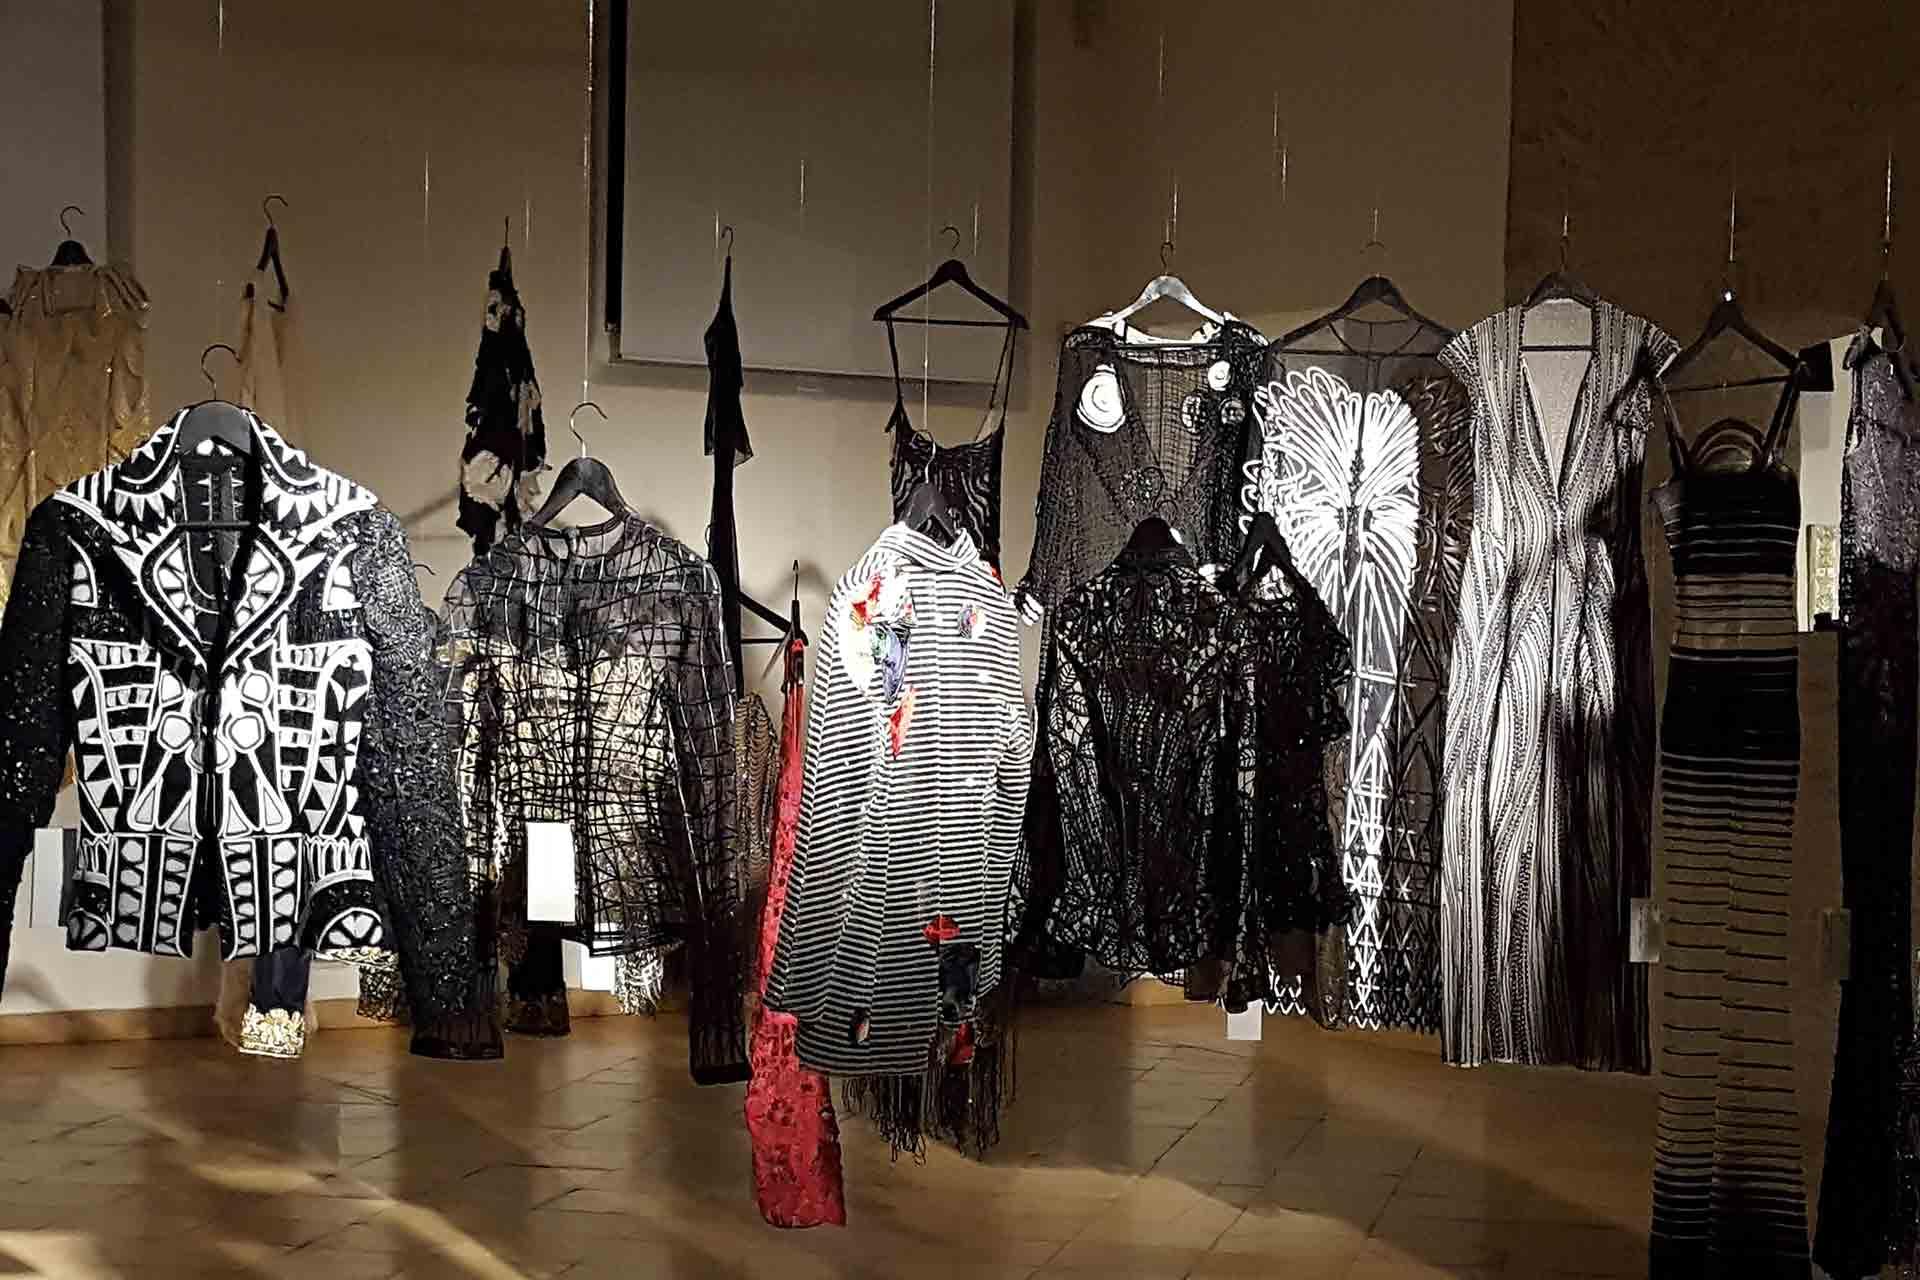 moda ricamata in mostra a Forlì